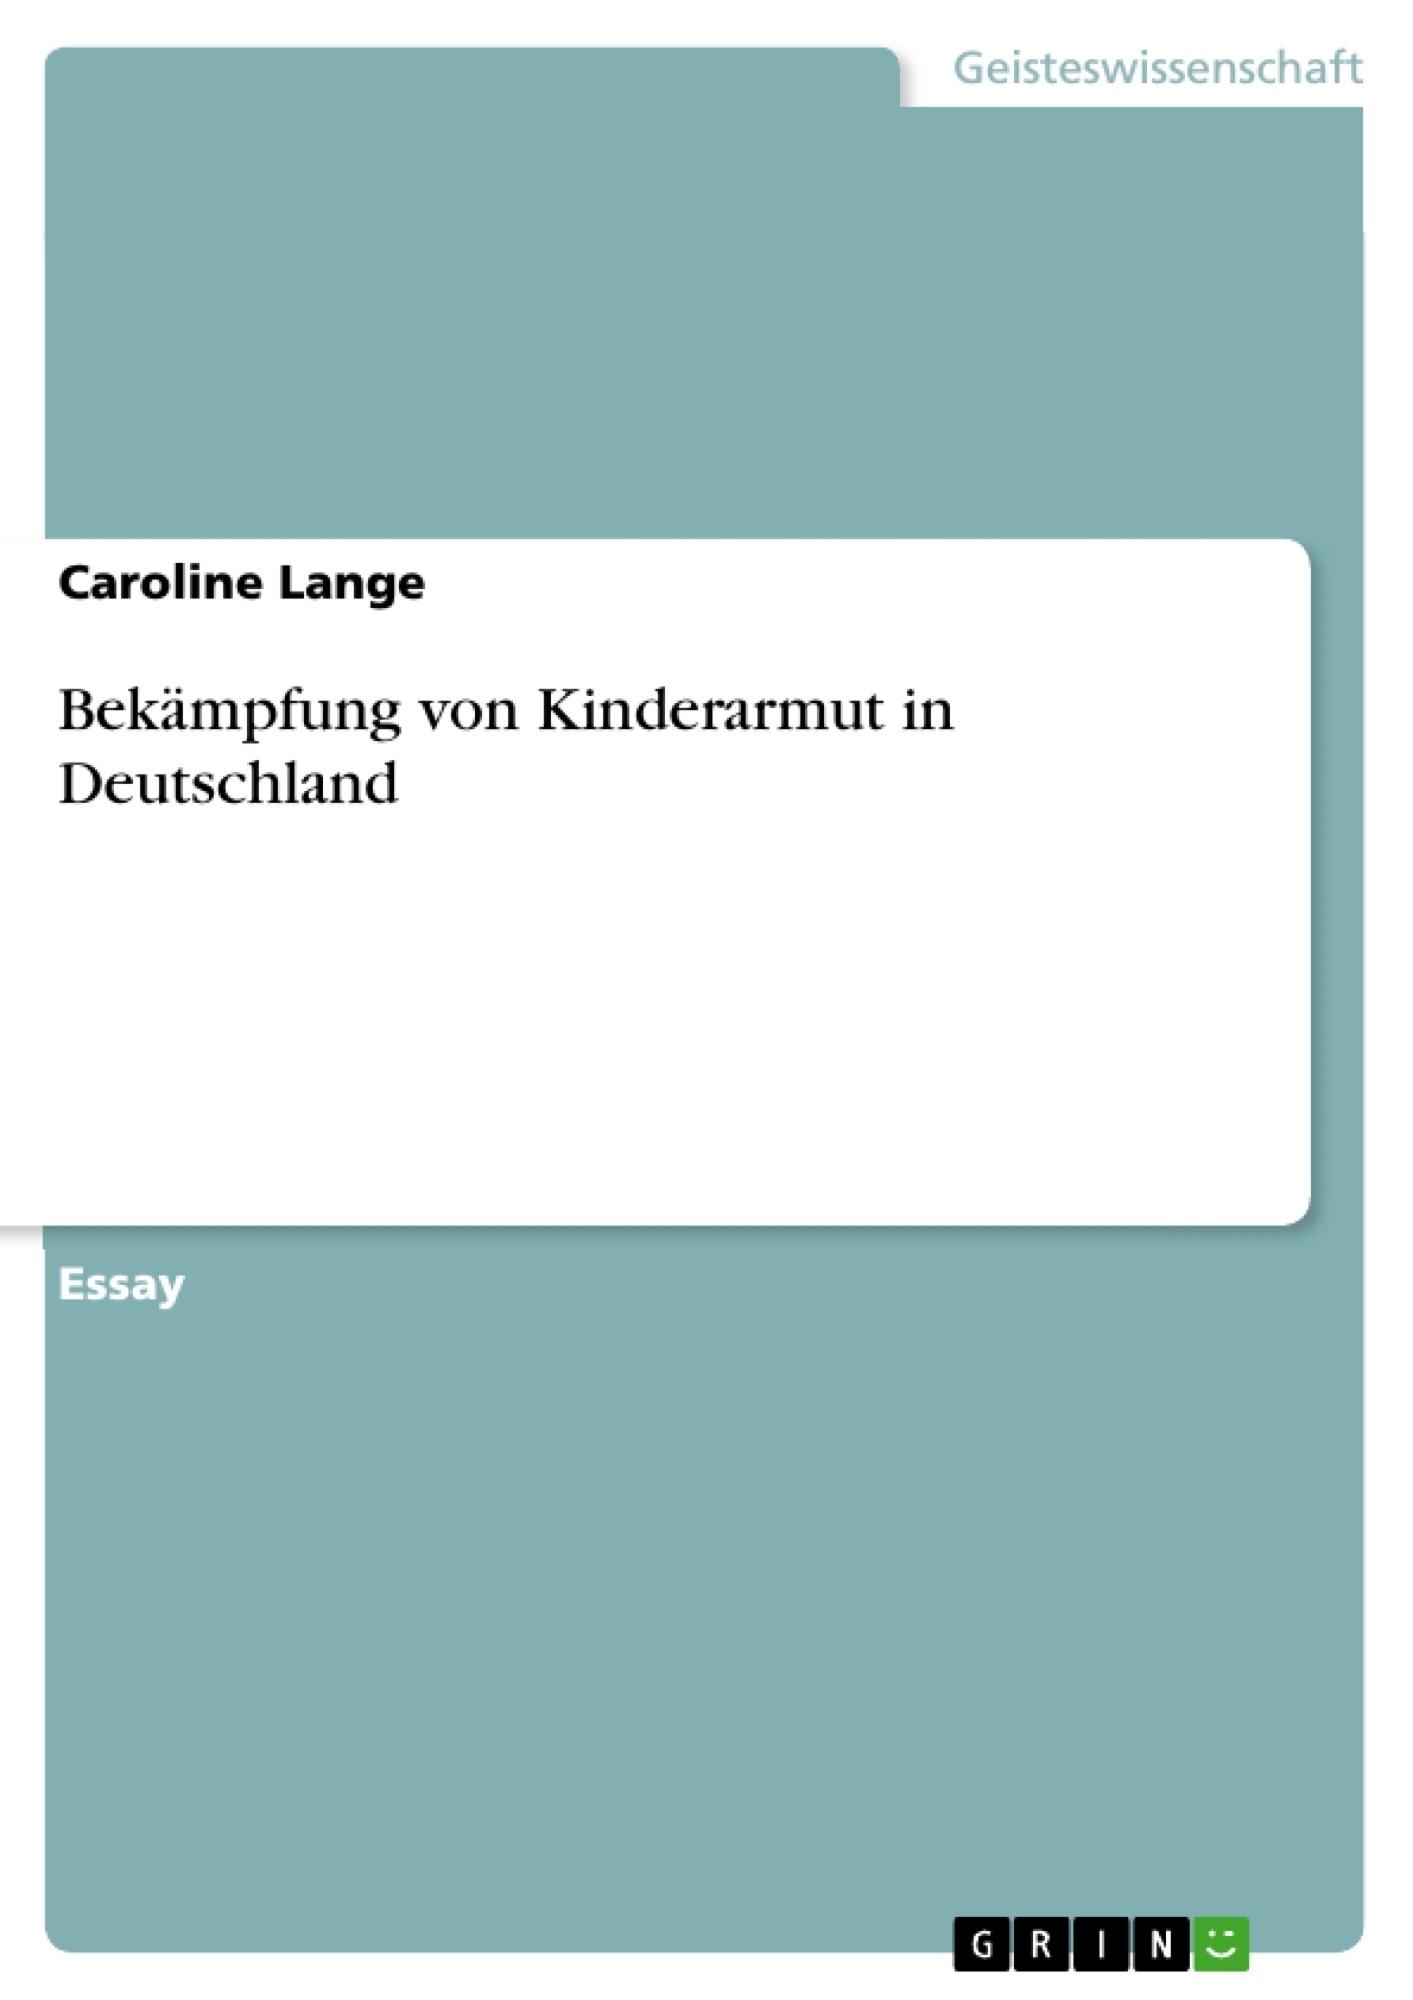 Titel: Bekämpfung von Kinderarmut in Deutschland